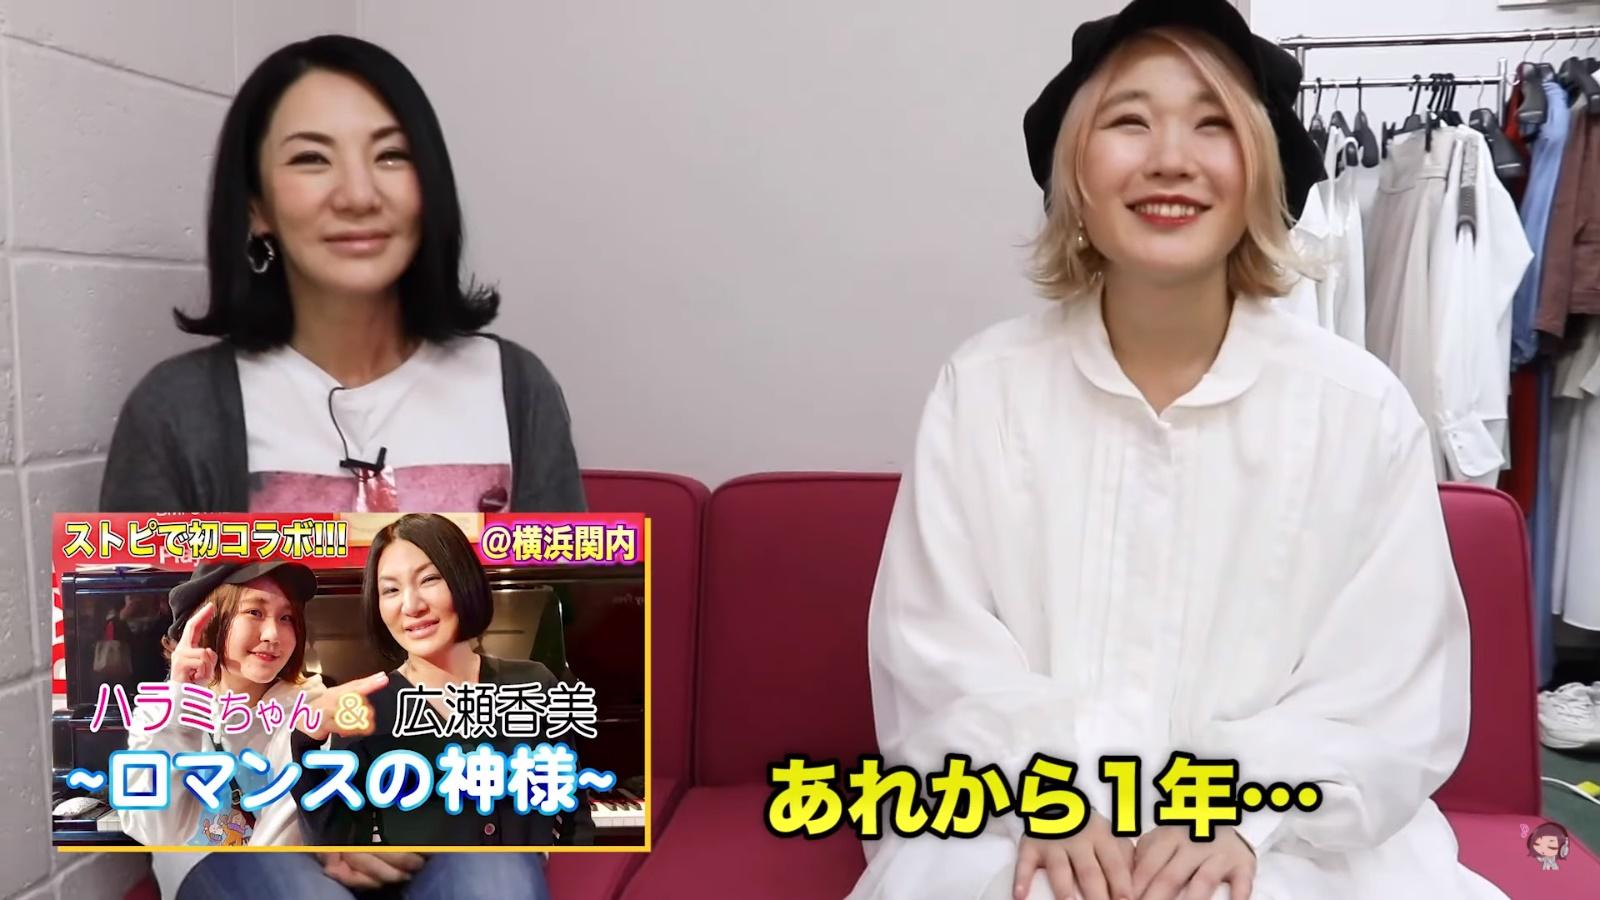 広瀬香美×ハラミちゃん